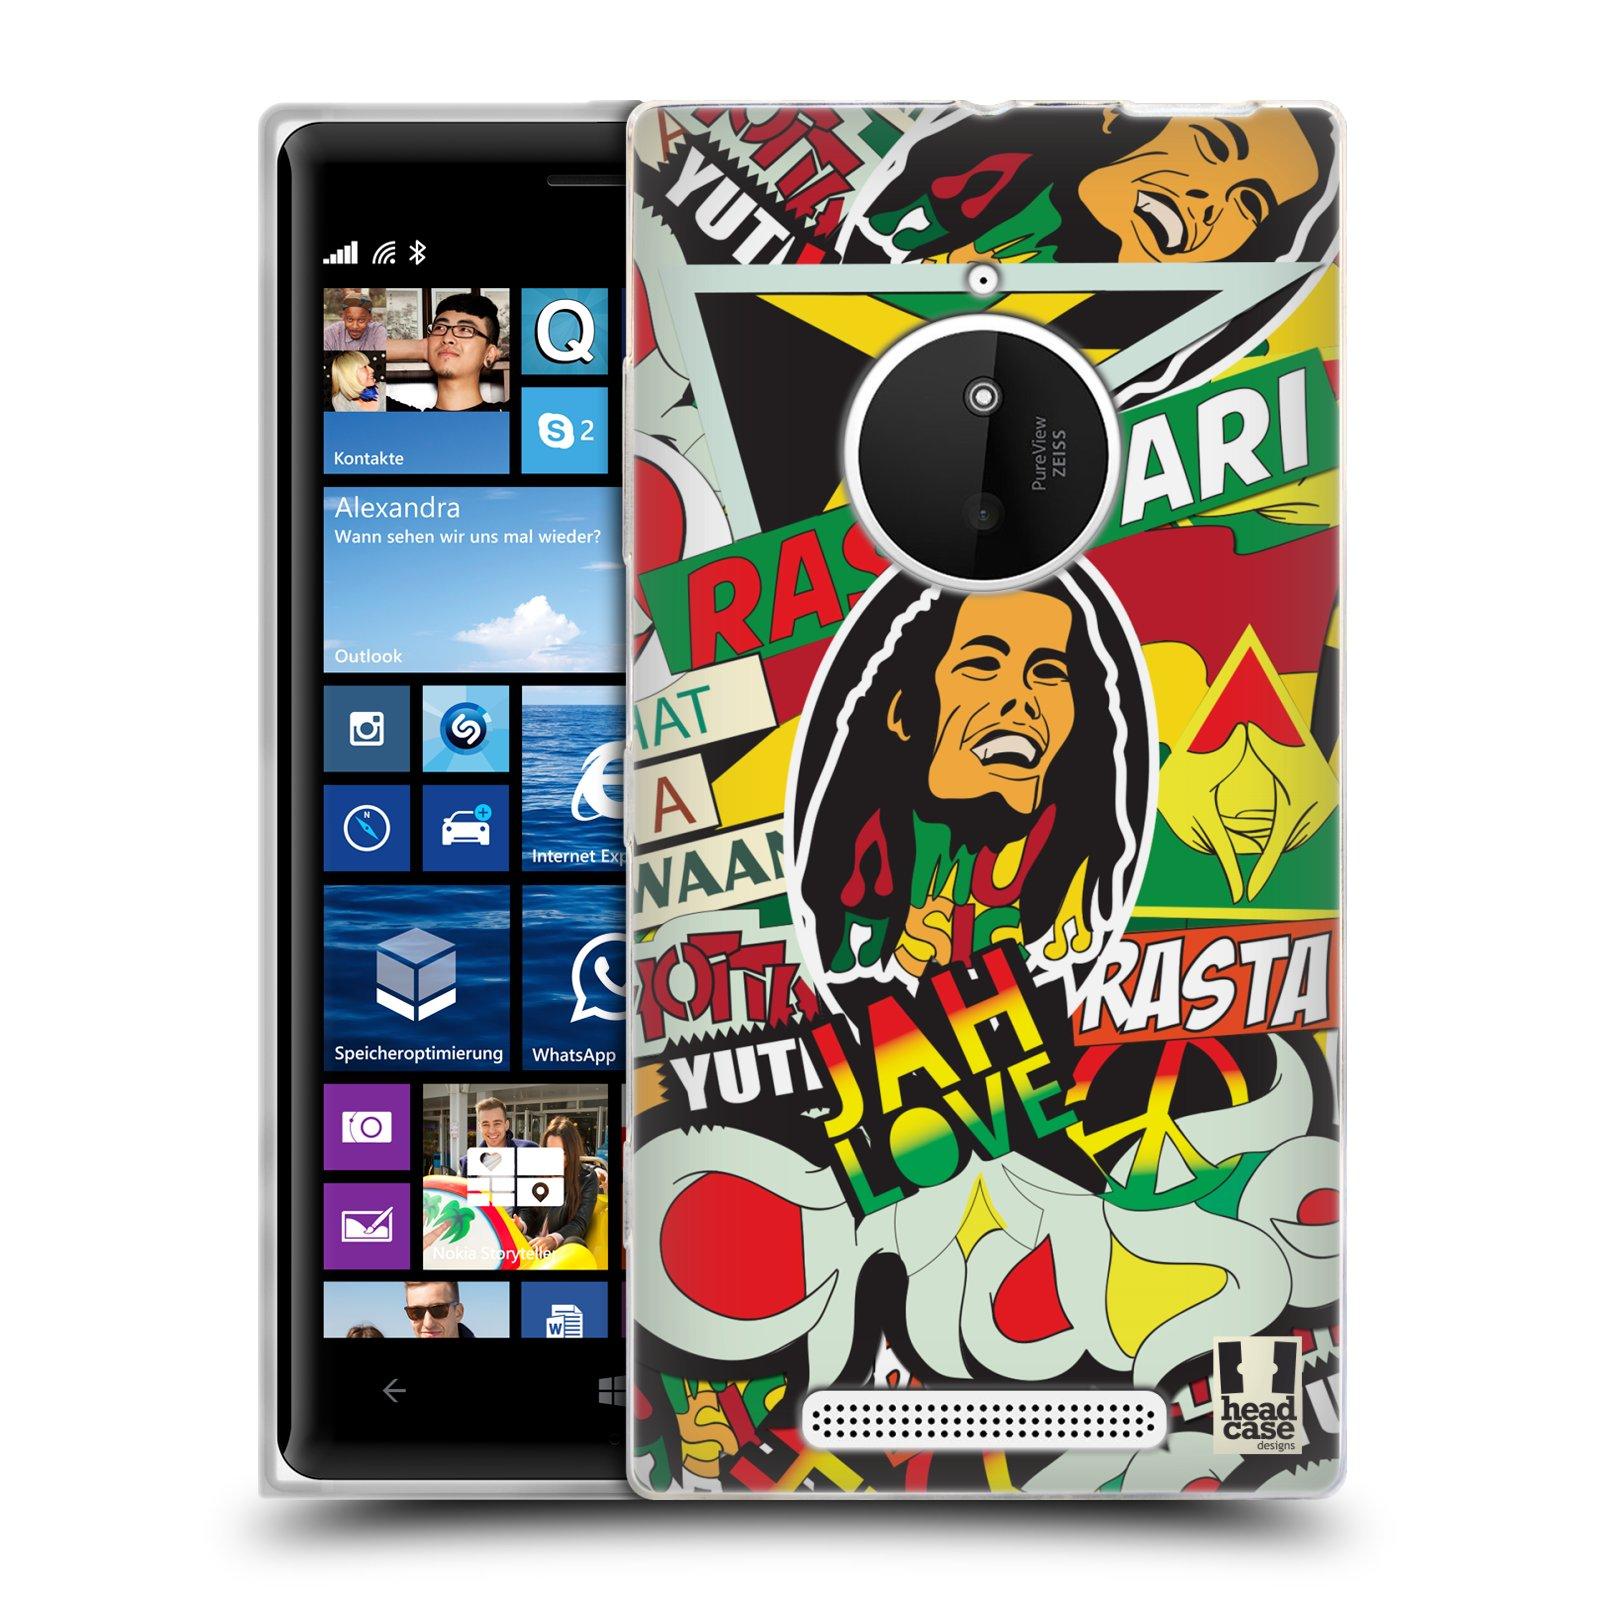 Silikonové pouzdro na mobil Nokia Lumia 830 HEAD CASE RASTA (Silikonový kryt či obal na mobilní telefon Nokia Lumia 830)